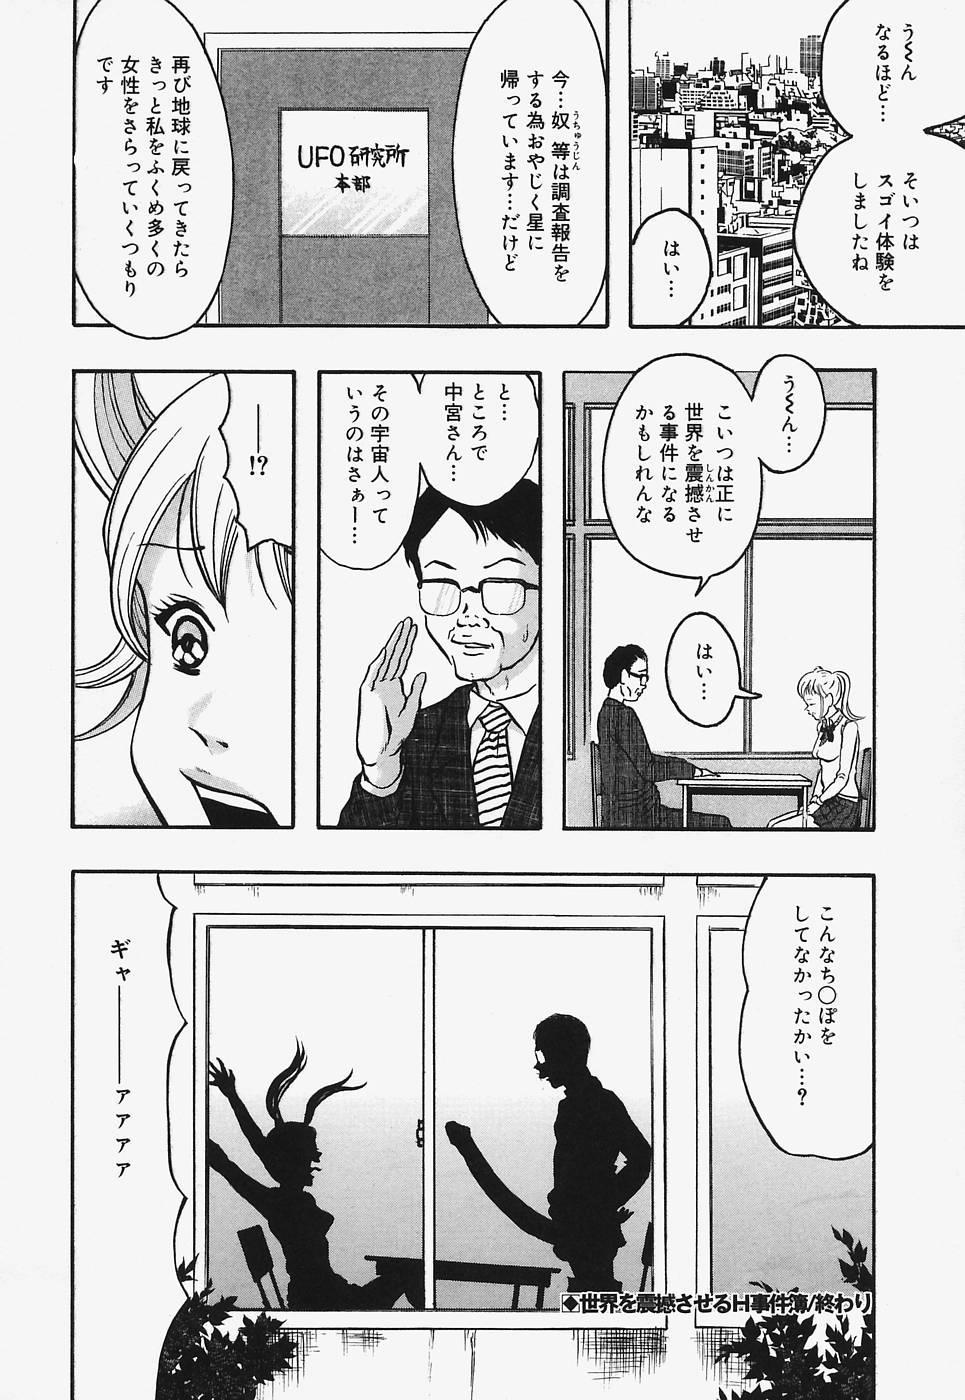 Nurunuru Syoujyo Jiru 145